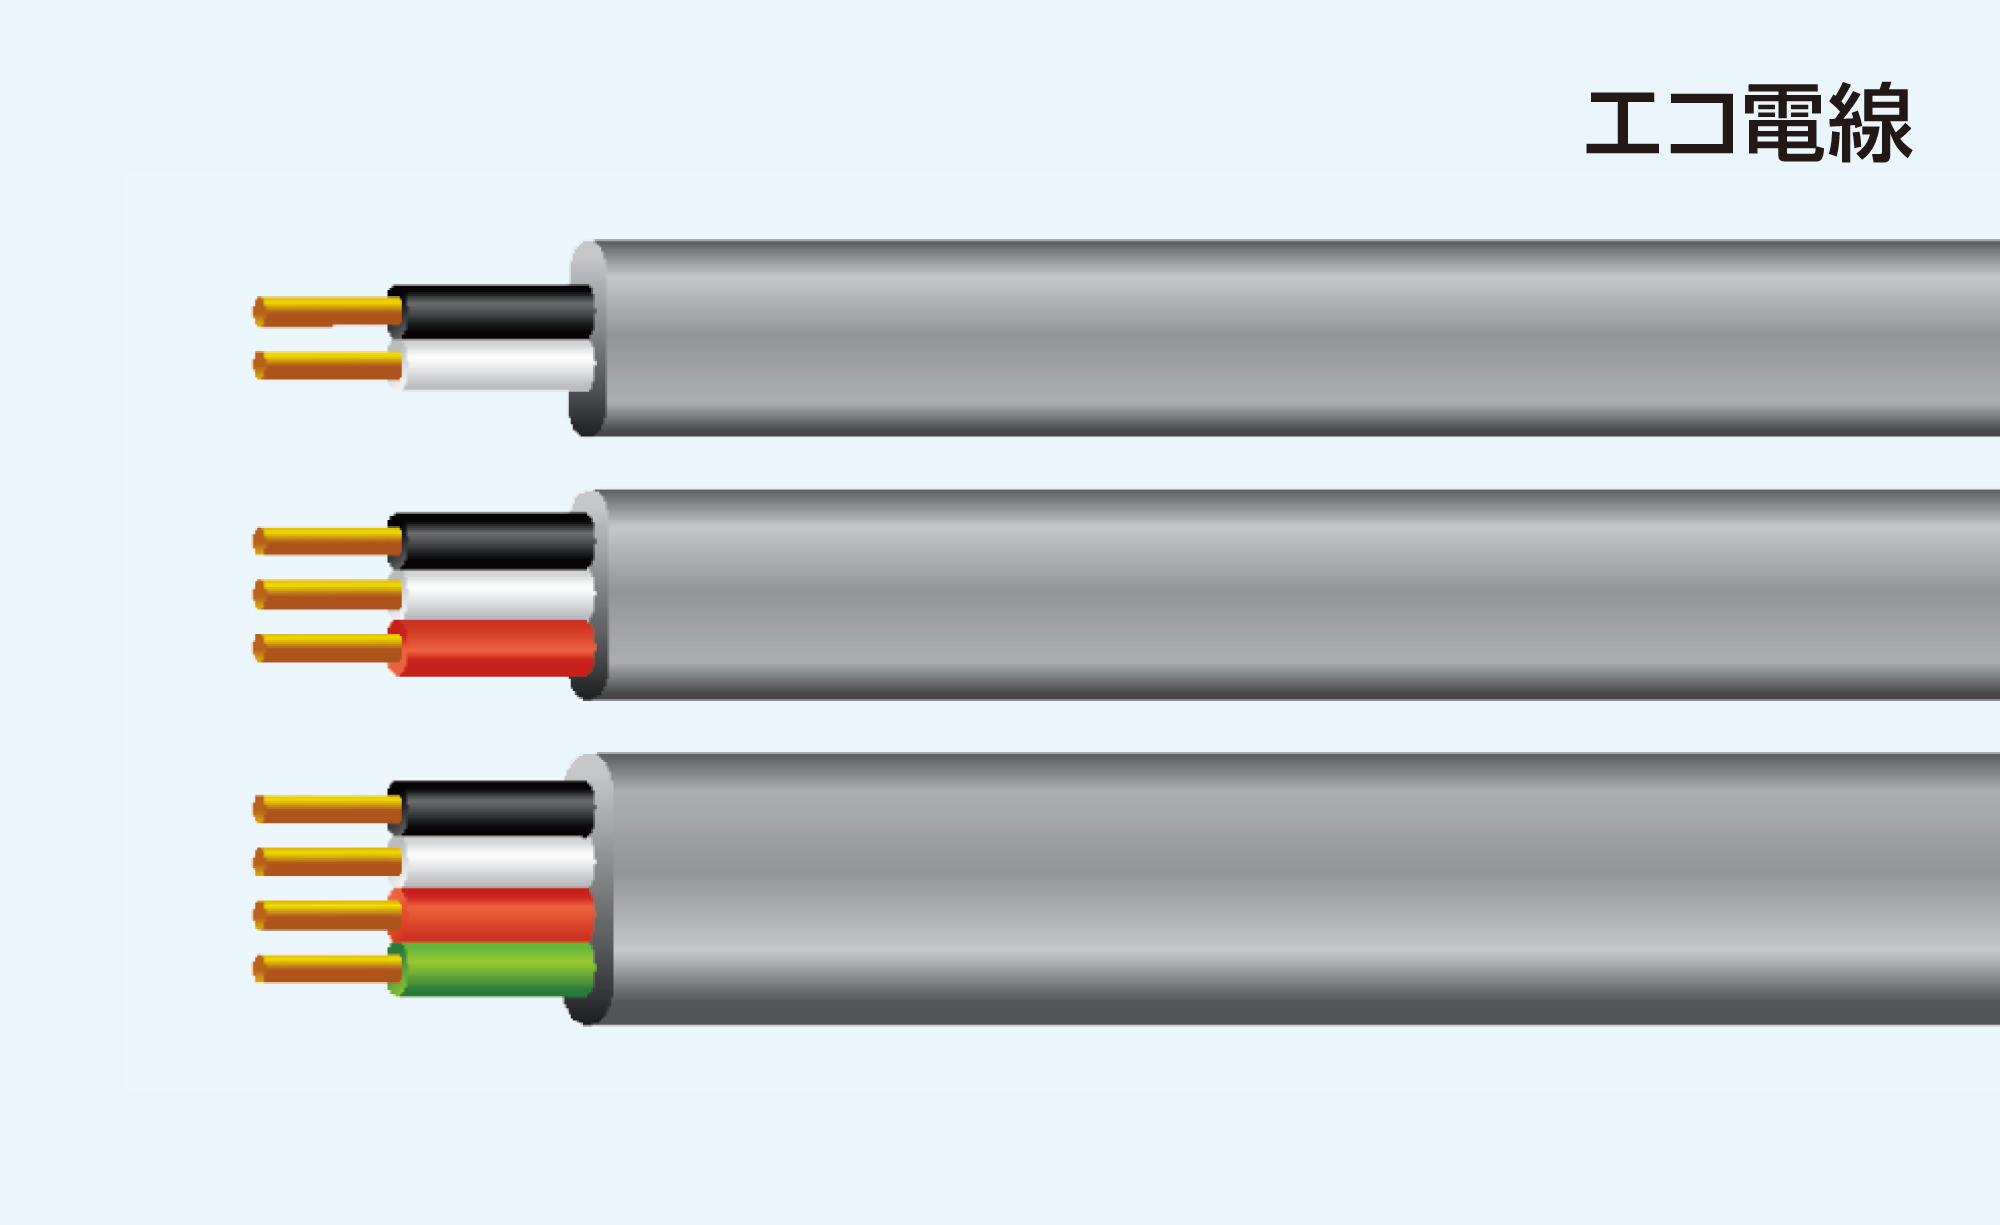 ケーブル(電線)画像